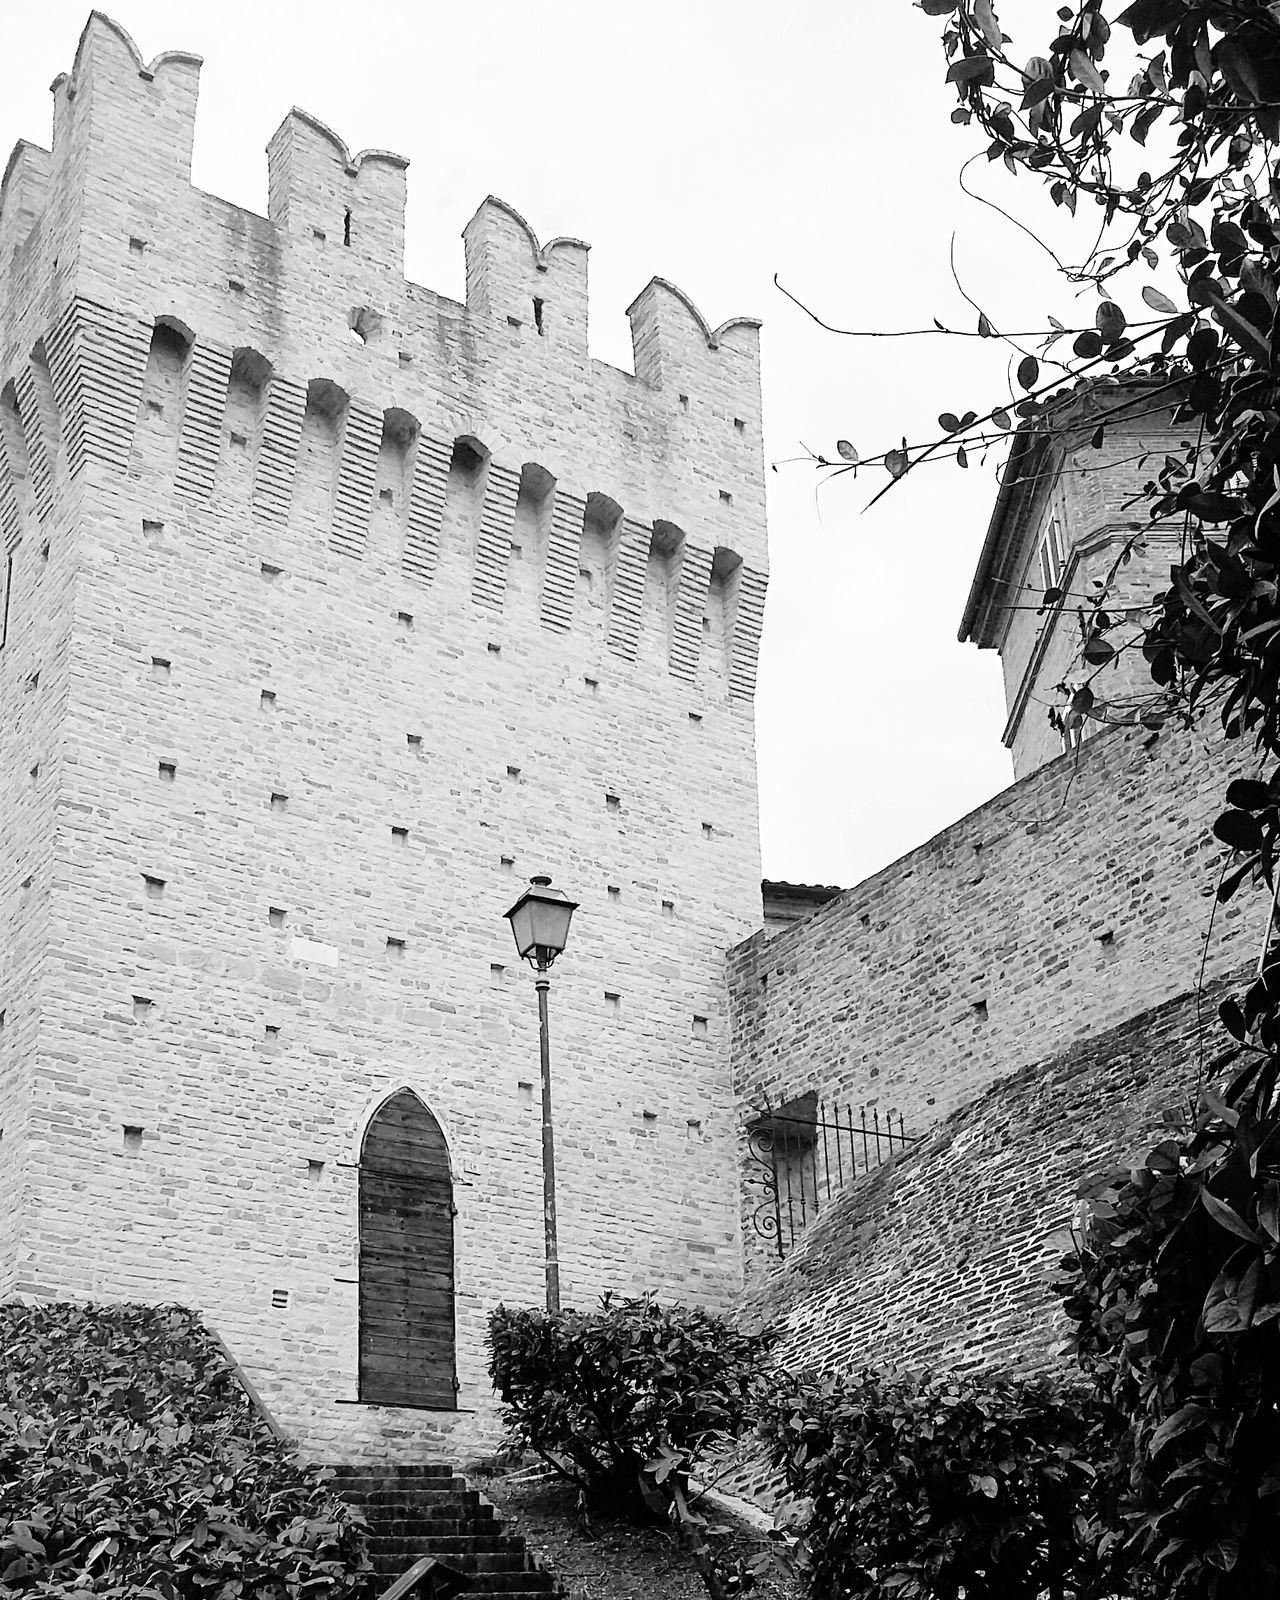 Italia Italy Castle Tower Roman Mura Castle Ruins Castello Castle Castel Castle View  Fermo Italy Fermo EyeEmNewHere